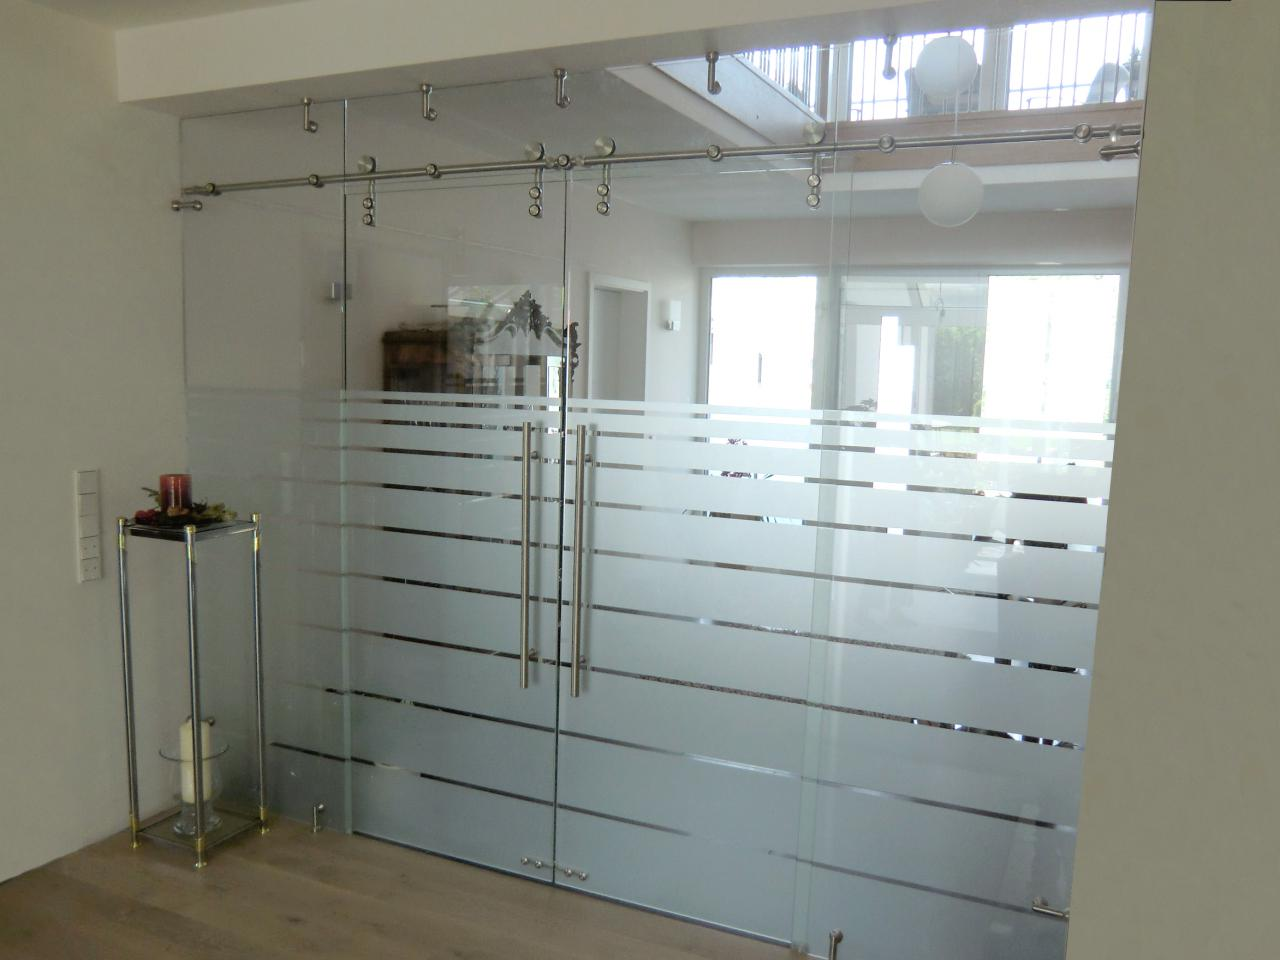 Beeindruckend Glaswand Wohnzimmer Referenz Von Rahmenlose